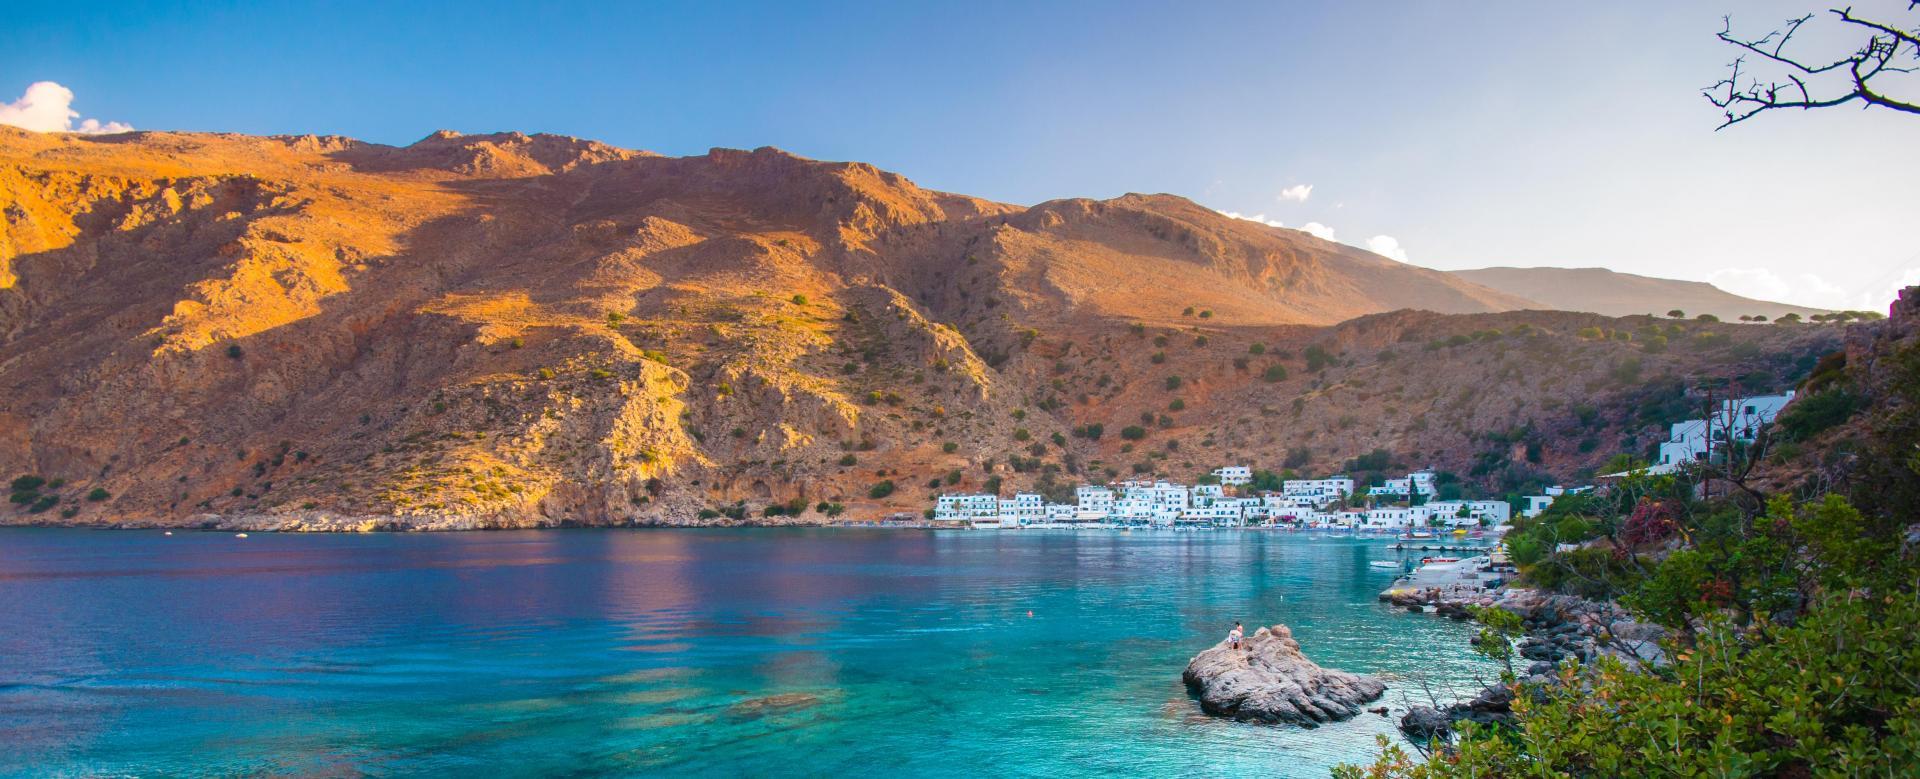 Voyage sur l'eau : La crète buissonnière